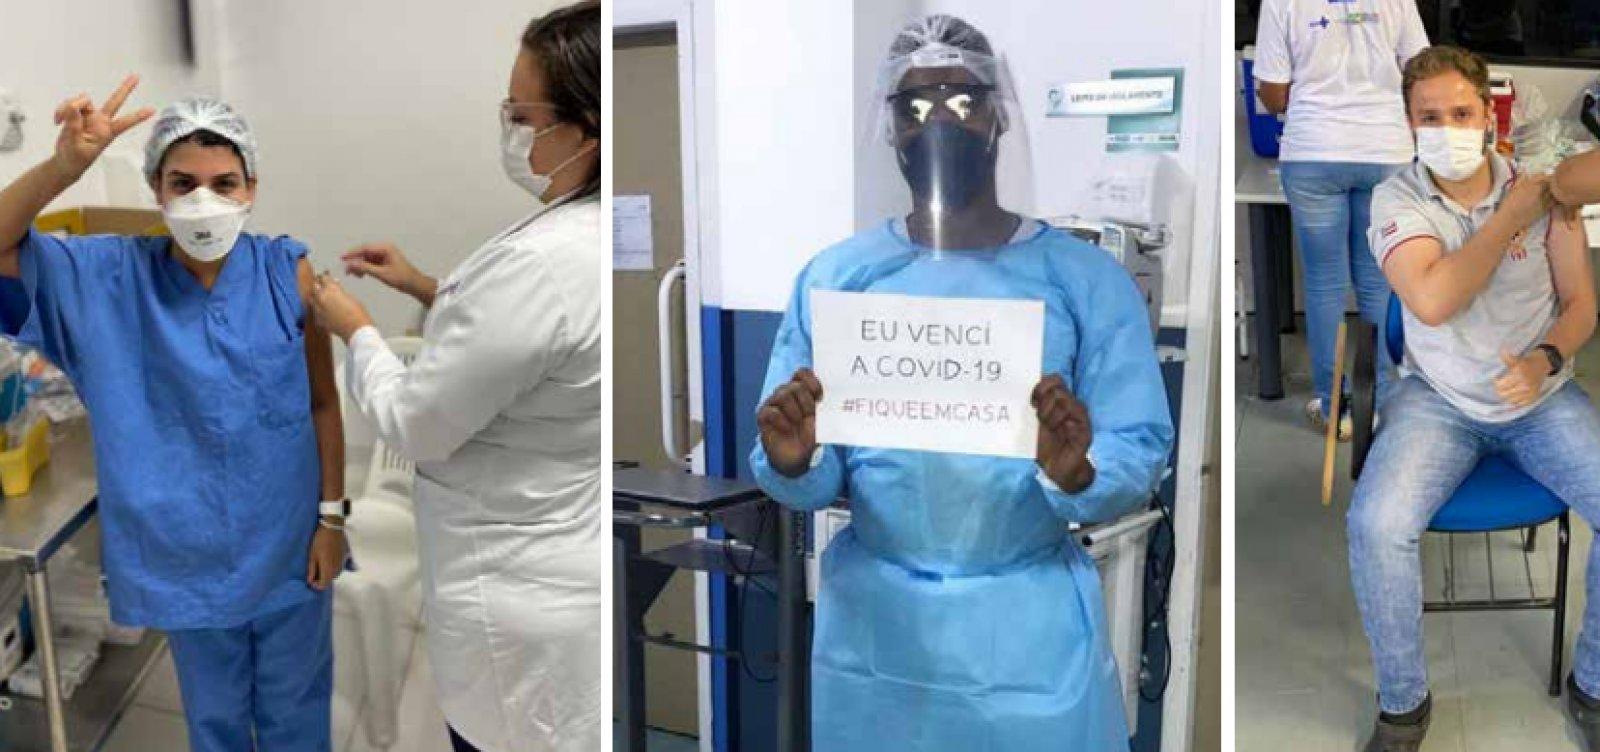 Vozes da Linha de Frente: 'Estão ignorando a pandemia', diz médico